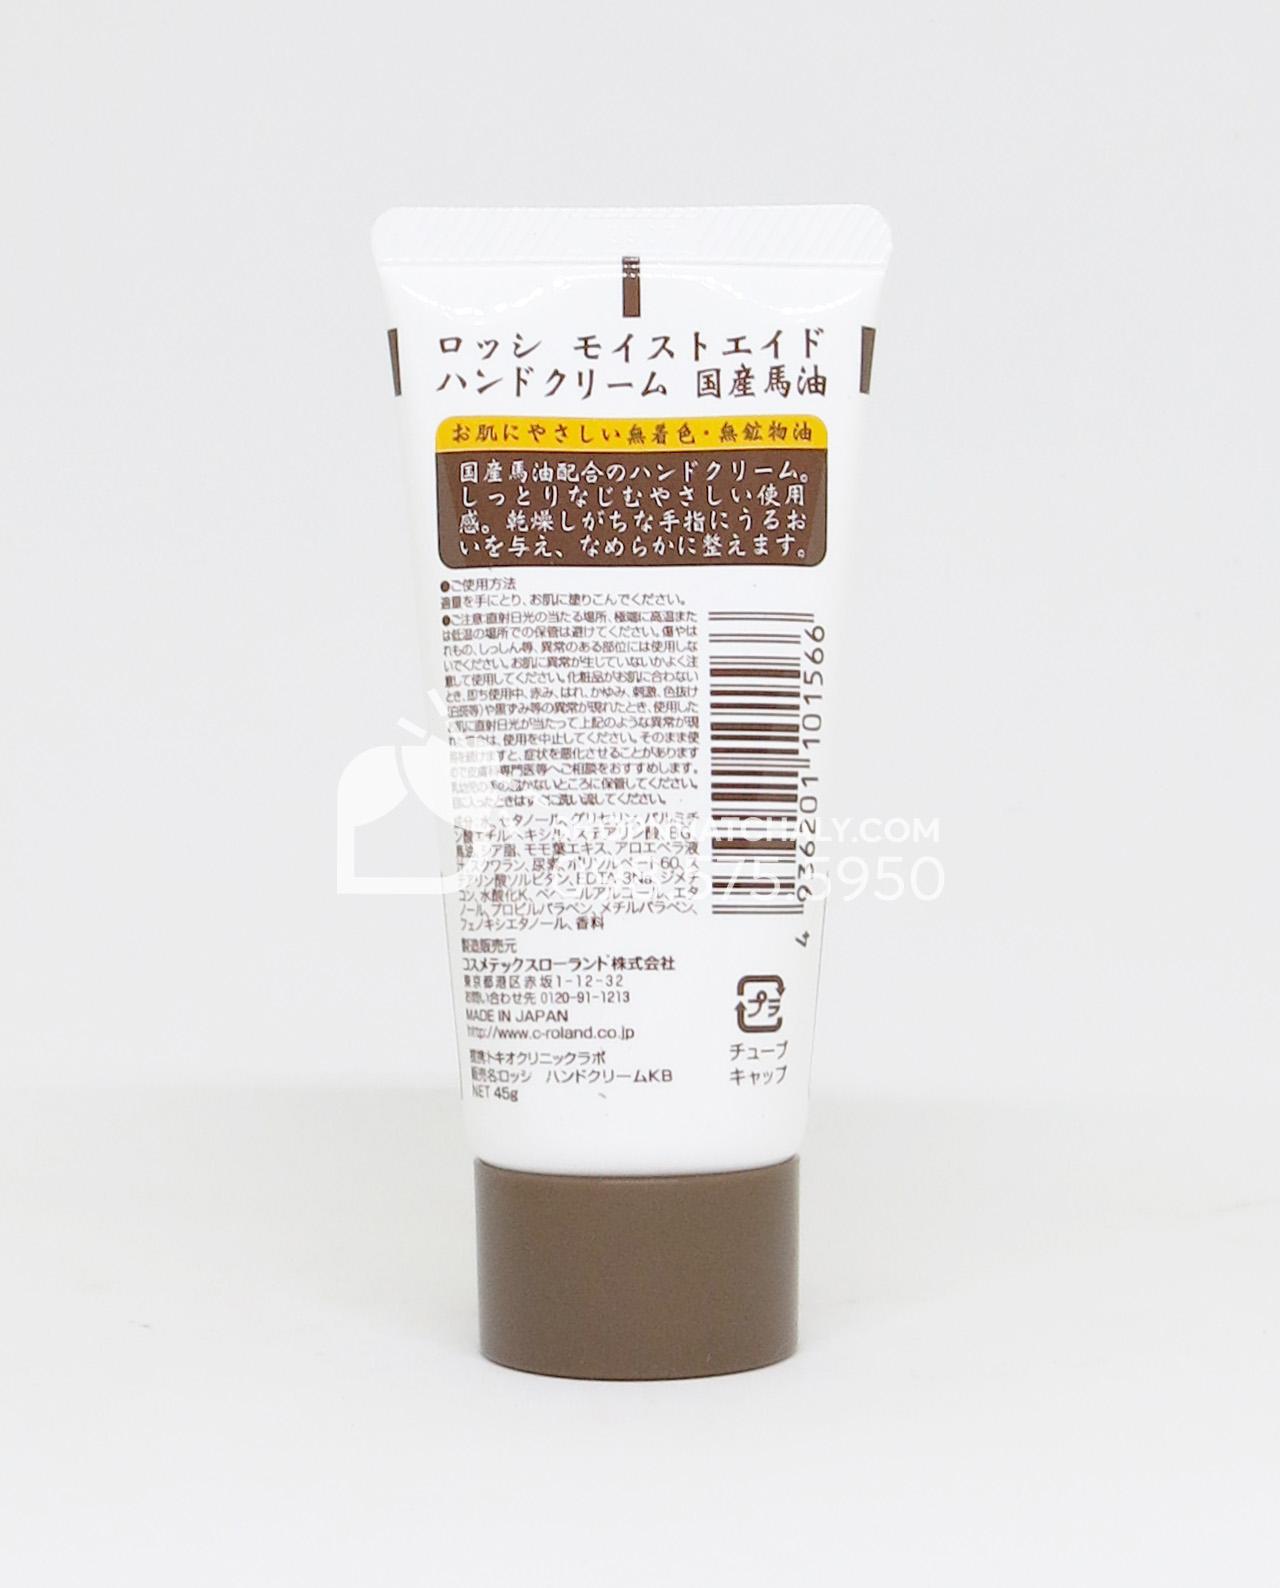 Kem dưỡng da tay tinh chất dầu ngựa trị da tay khô nẻ - thông tin sản phẩm